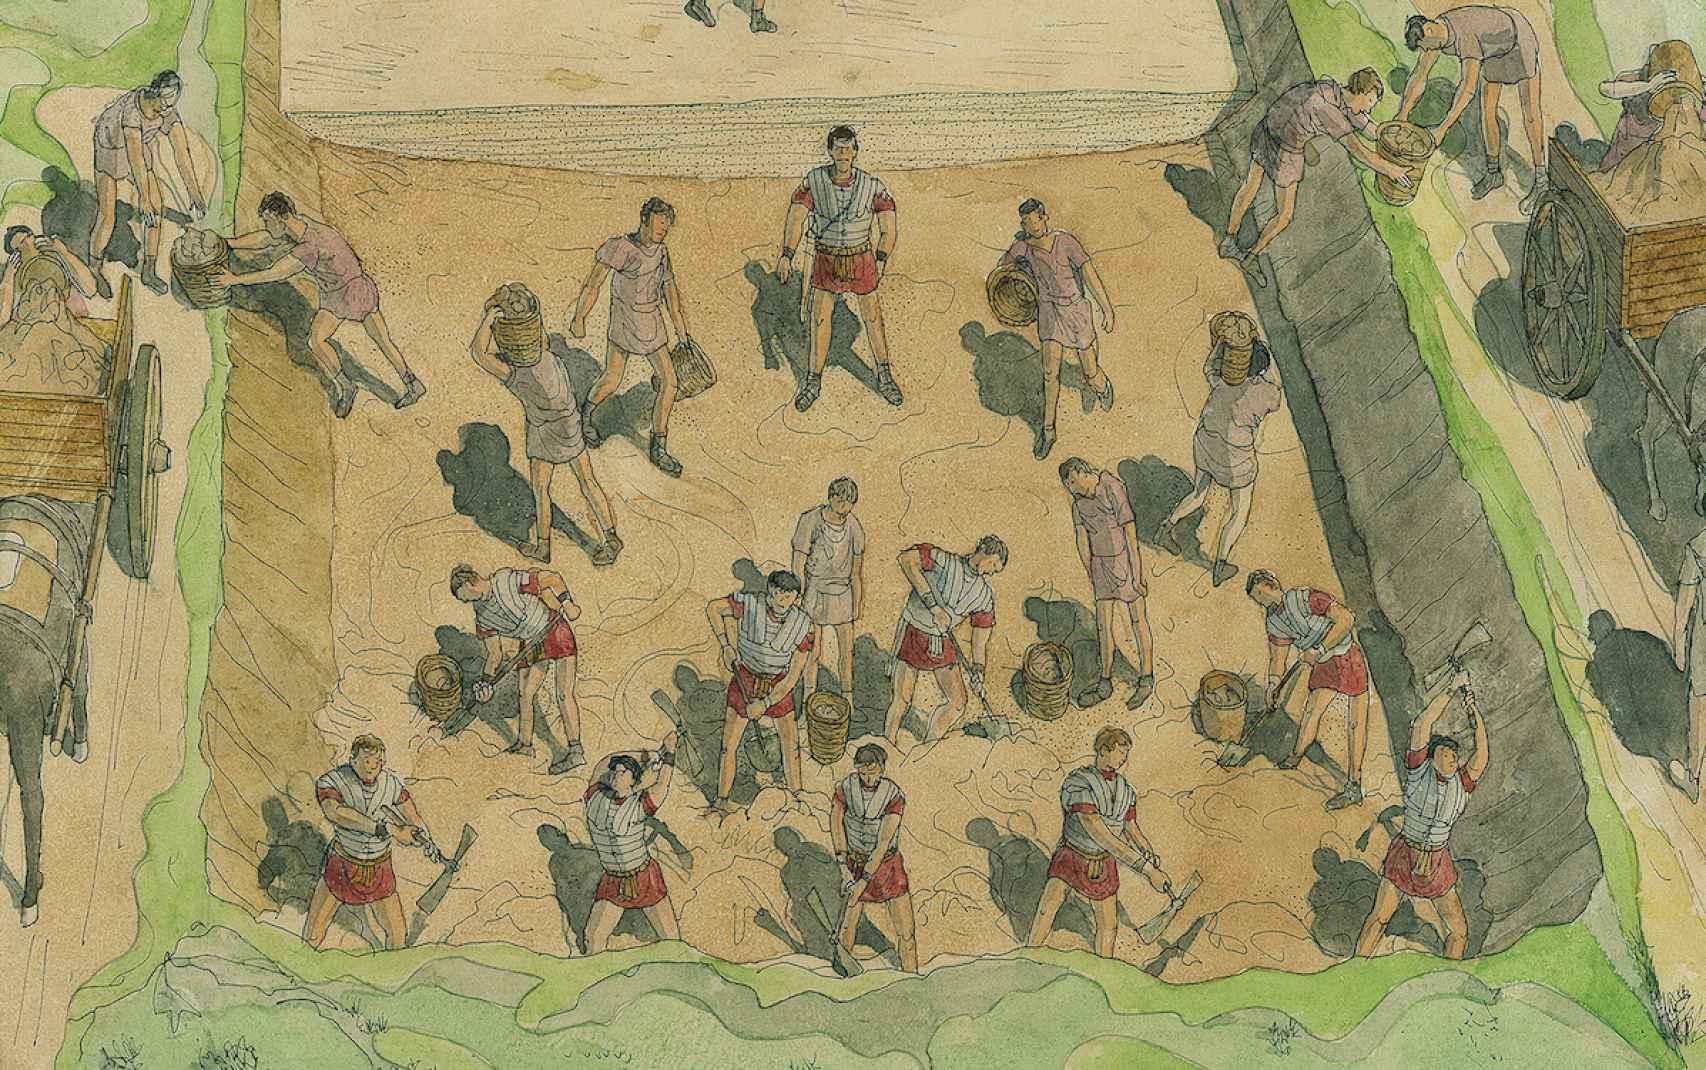 Recreación de legionarios romanos construyendo una calzada según Jean-Calaude Golvin.